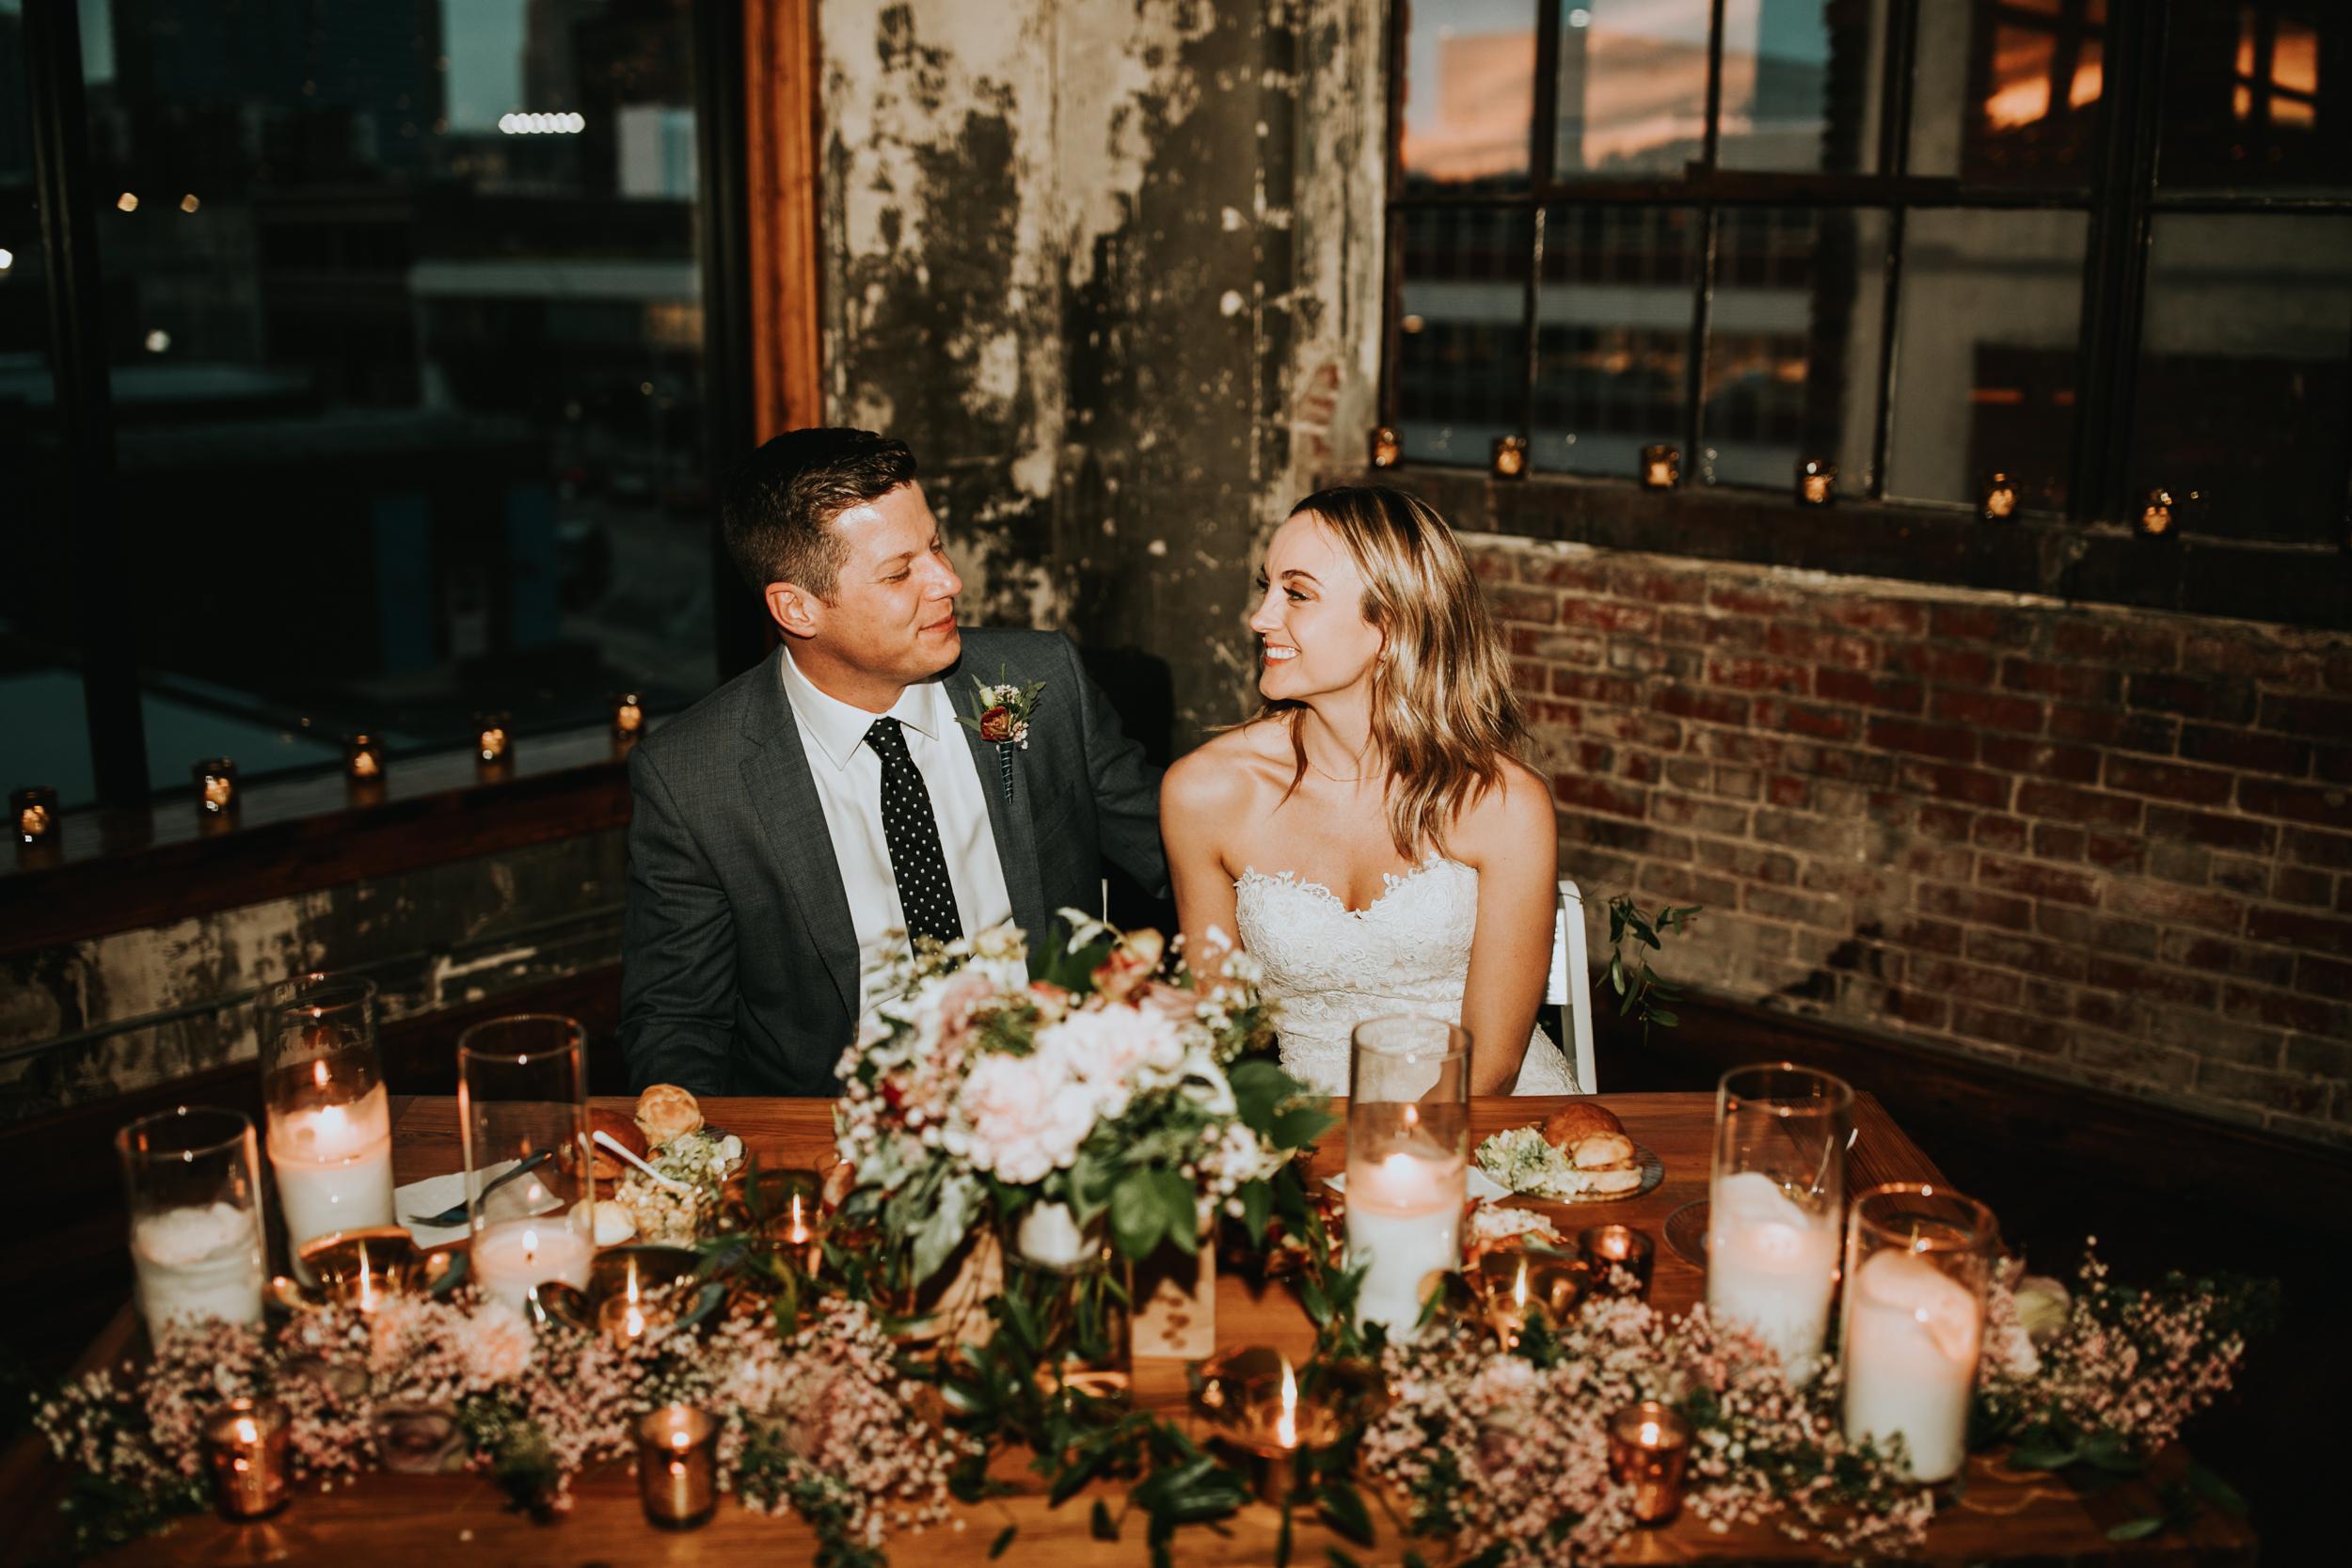 Britt and Scott Wedding Reception at The Bauer in Kansas City-101.jpg